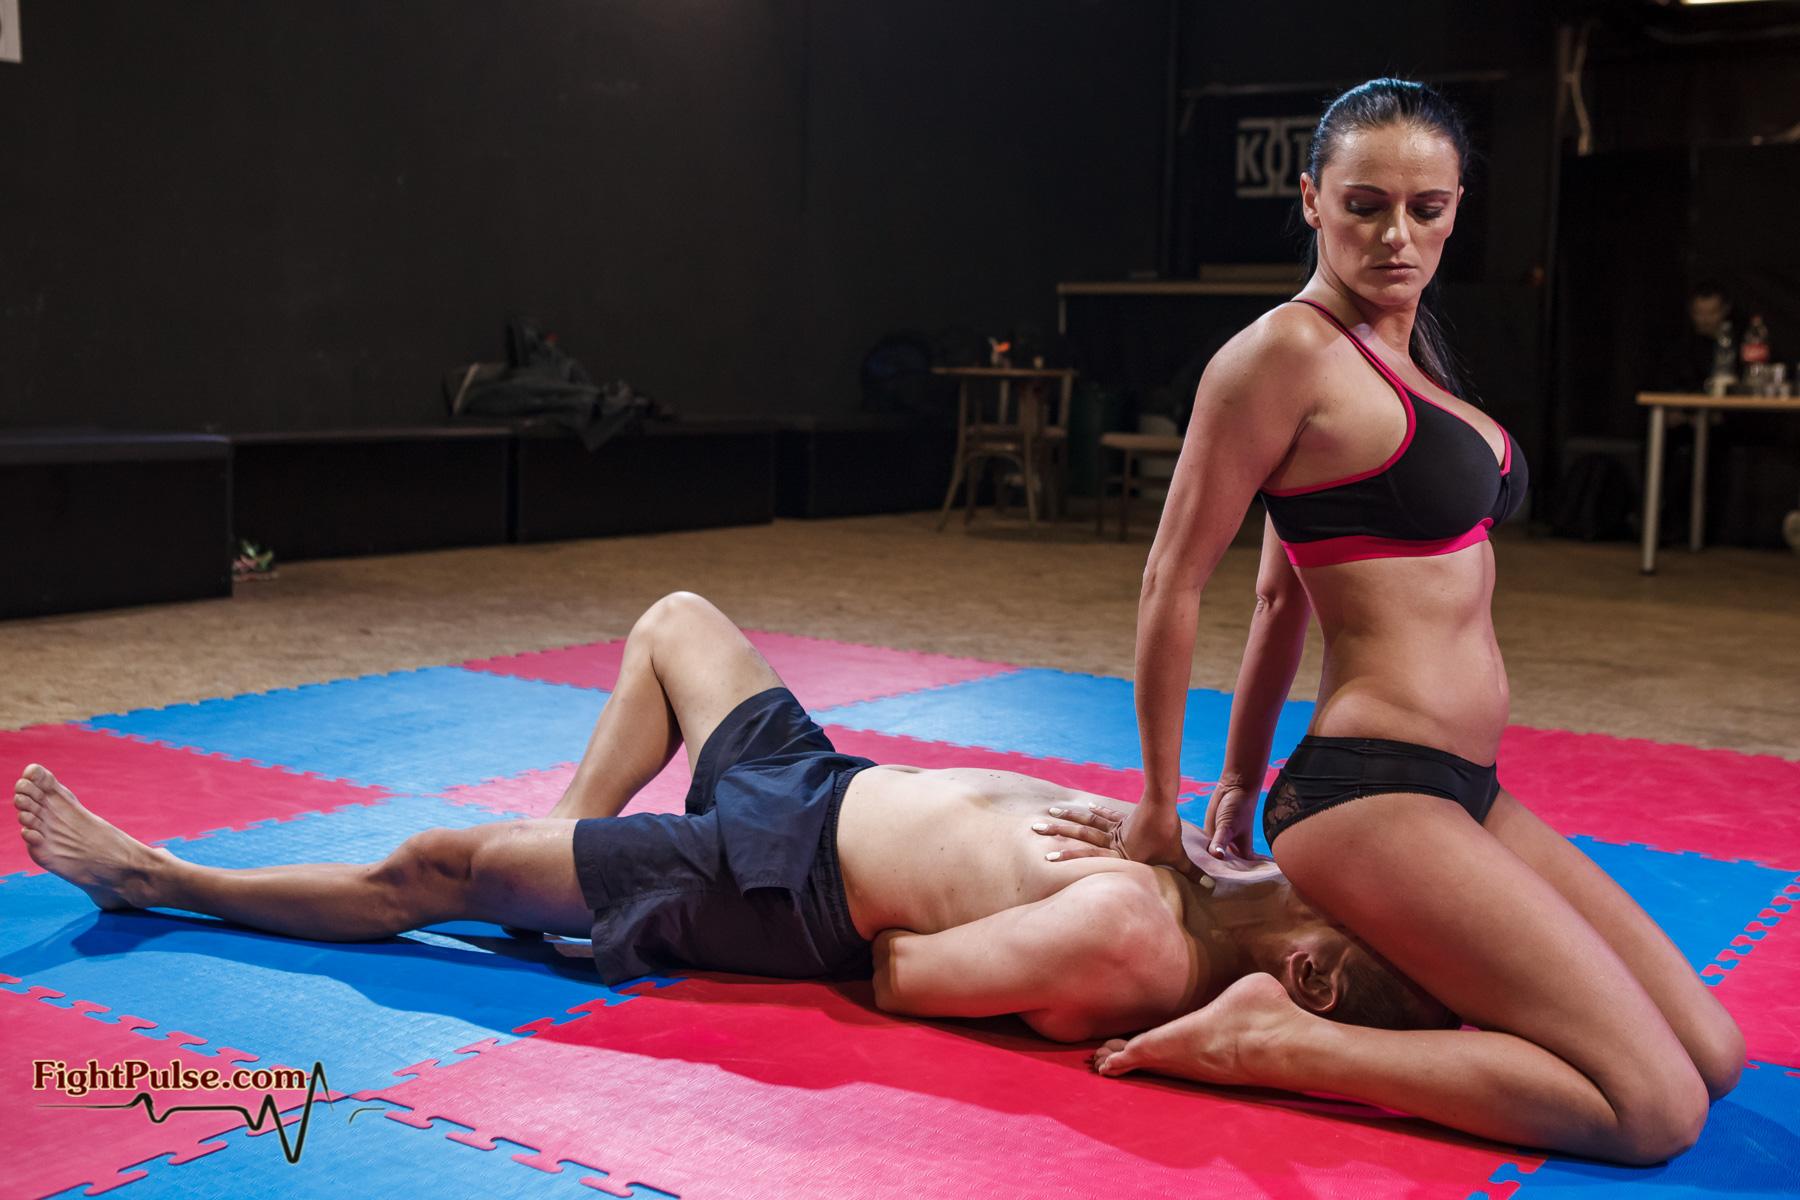 image Facesitting wrestling viktoria vs zelda 2